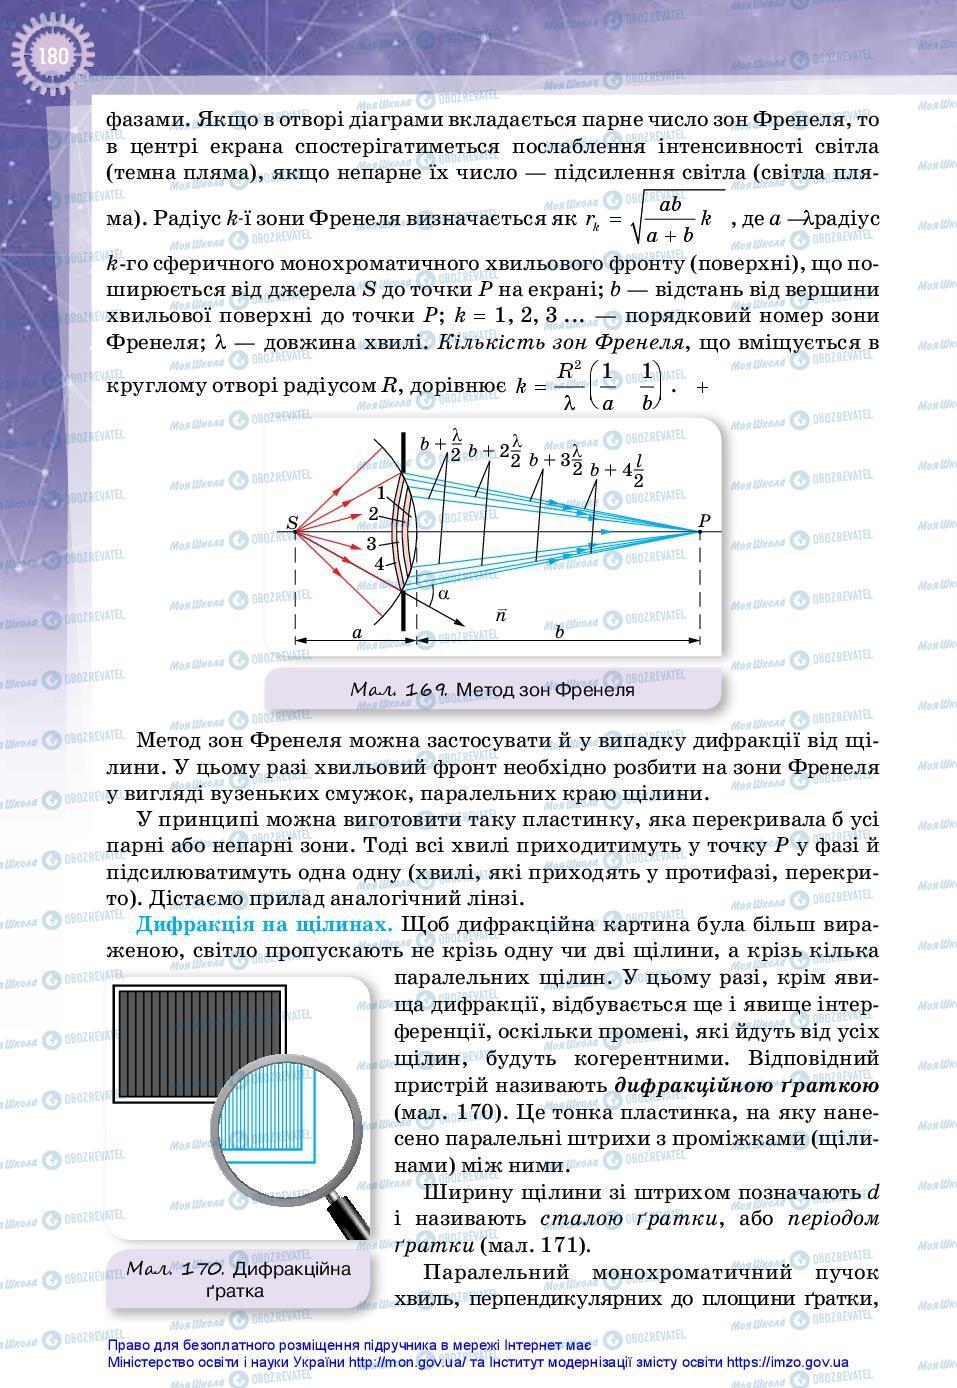 Підручники Фізика 11 клас сторінка 180